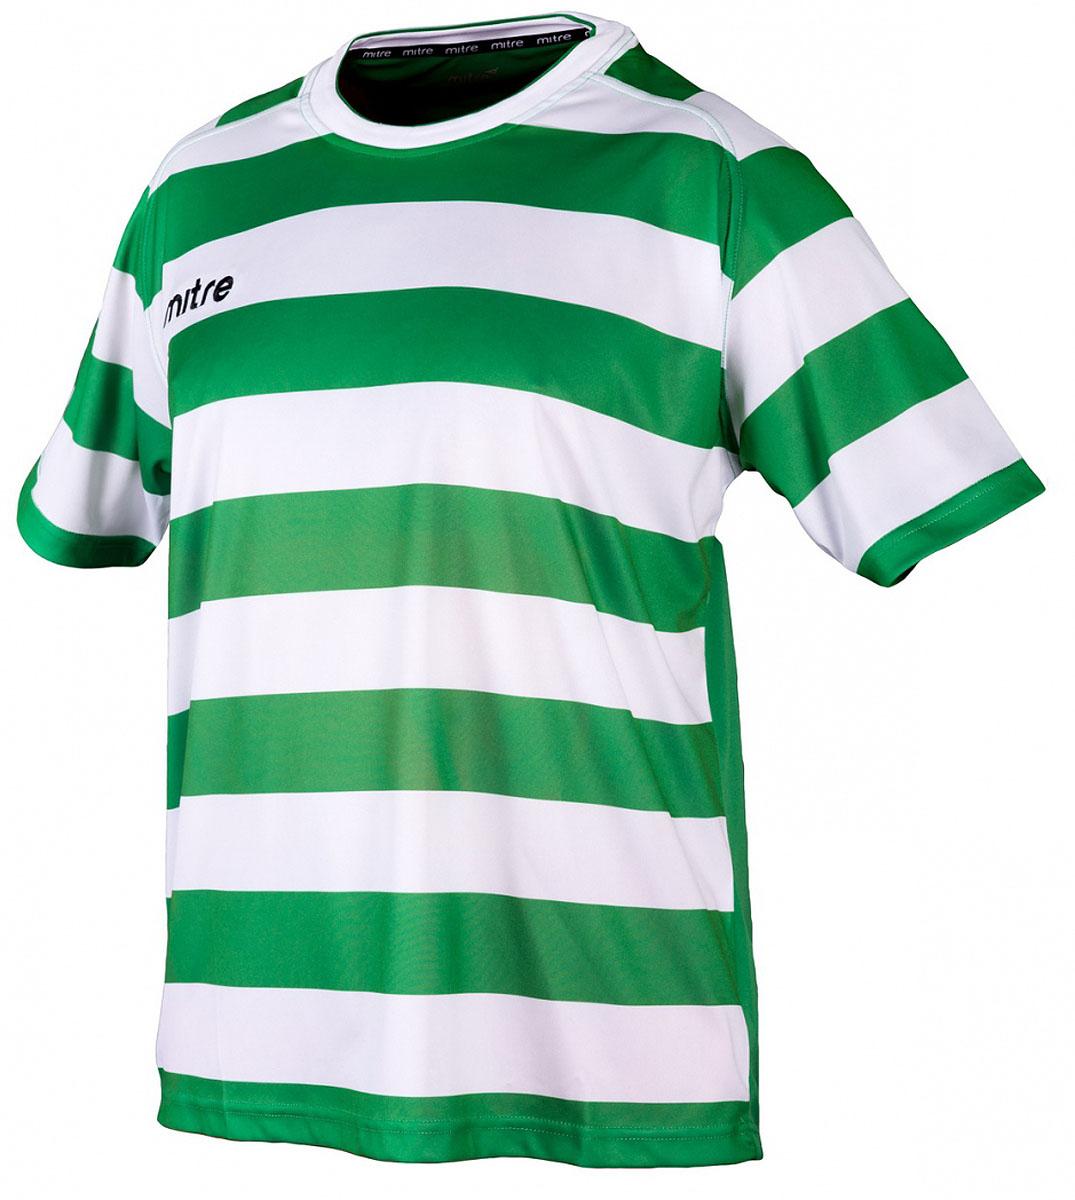 Футболка мужская Mitre, цвет: белый, зеленый. 5TT29024MGF9. Размер L (50/52)5TT29024MGF9Удобный эластичный ворот. Вышитый логотип Mitre. Состав: 100% полиэстер.